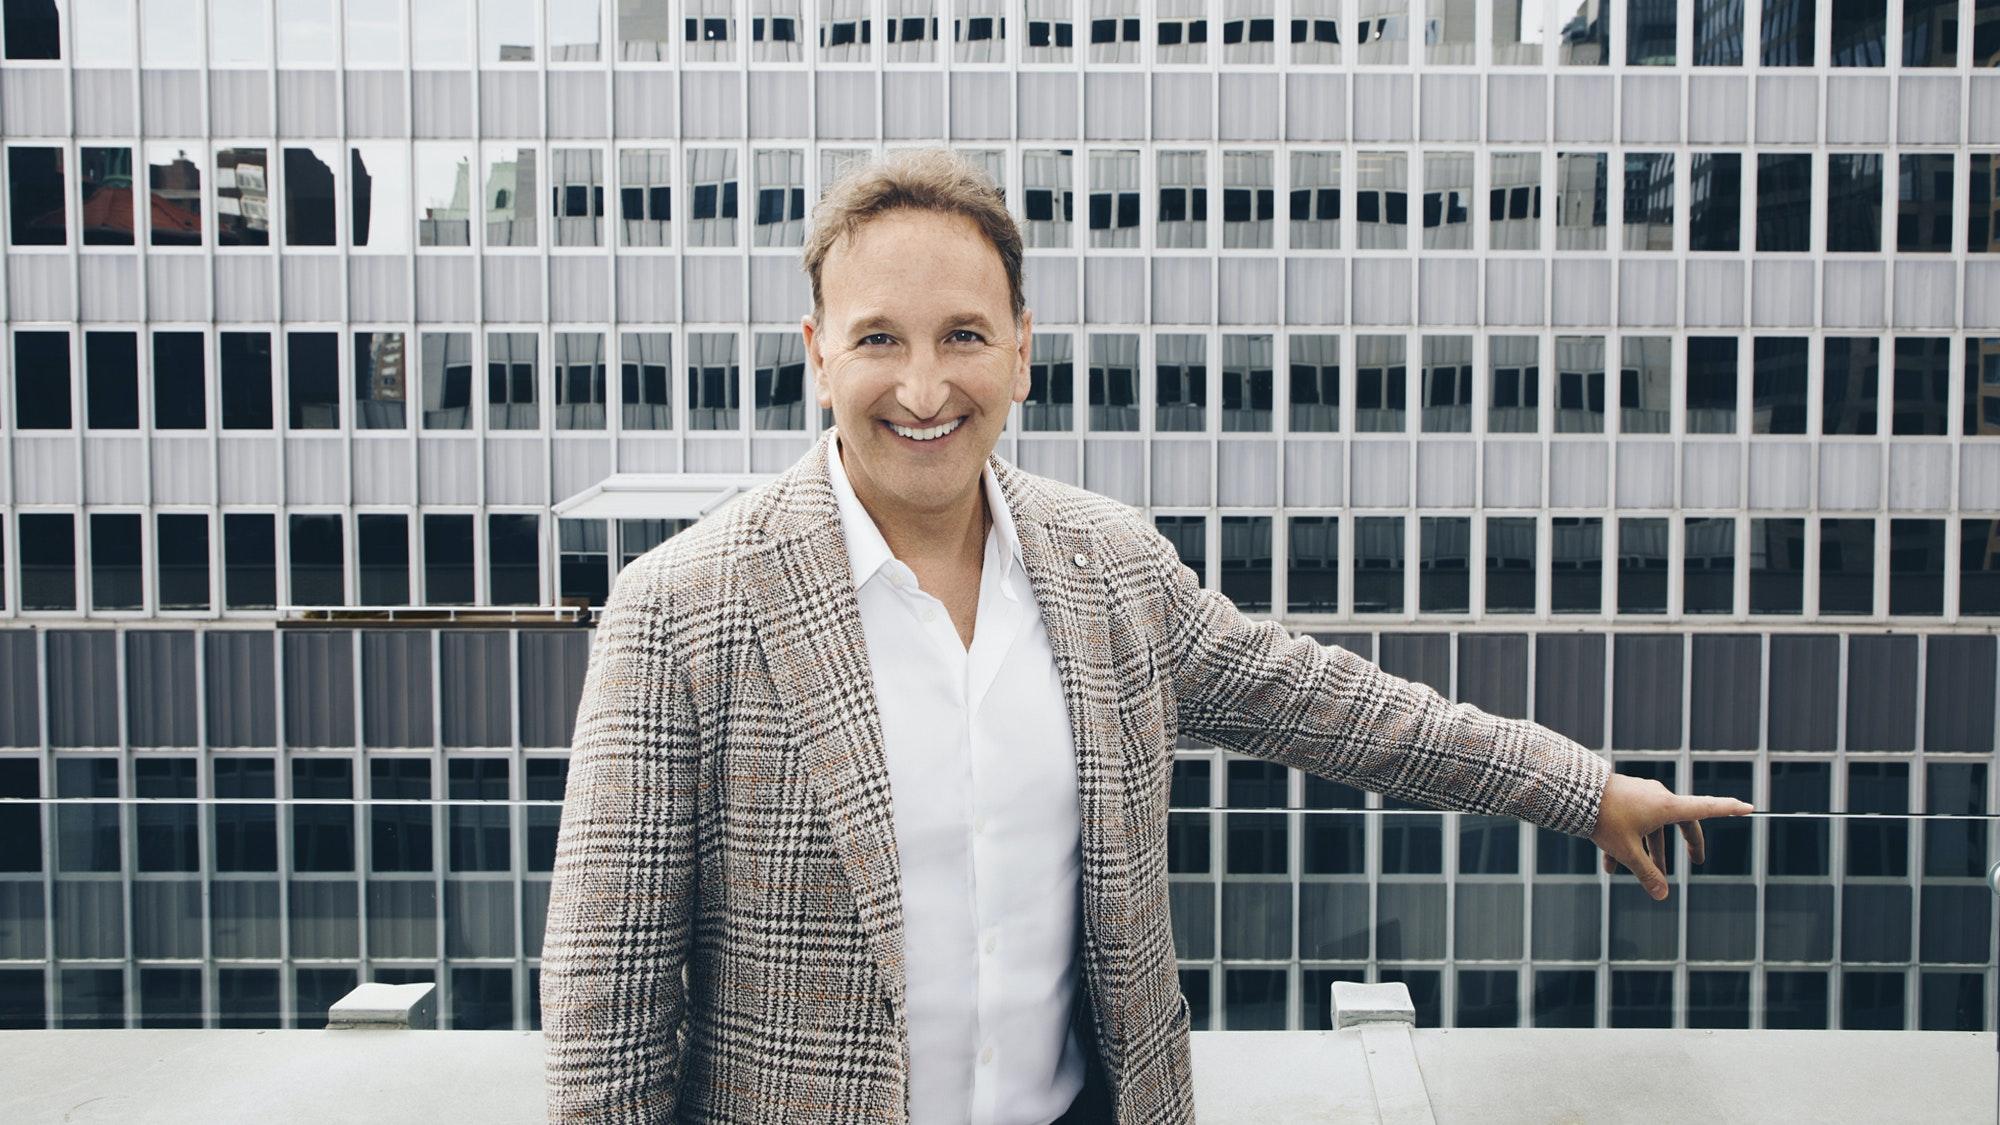 Dr. Steven Dayan smiling